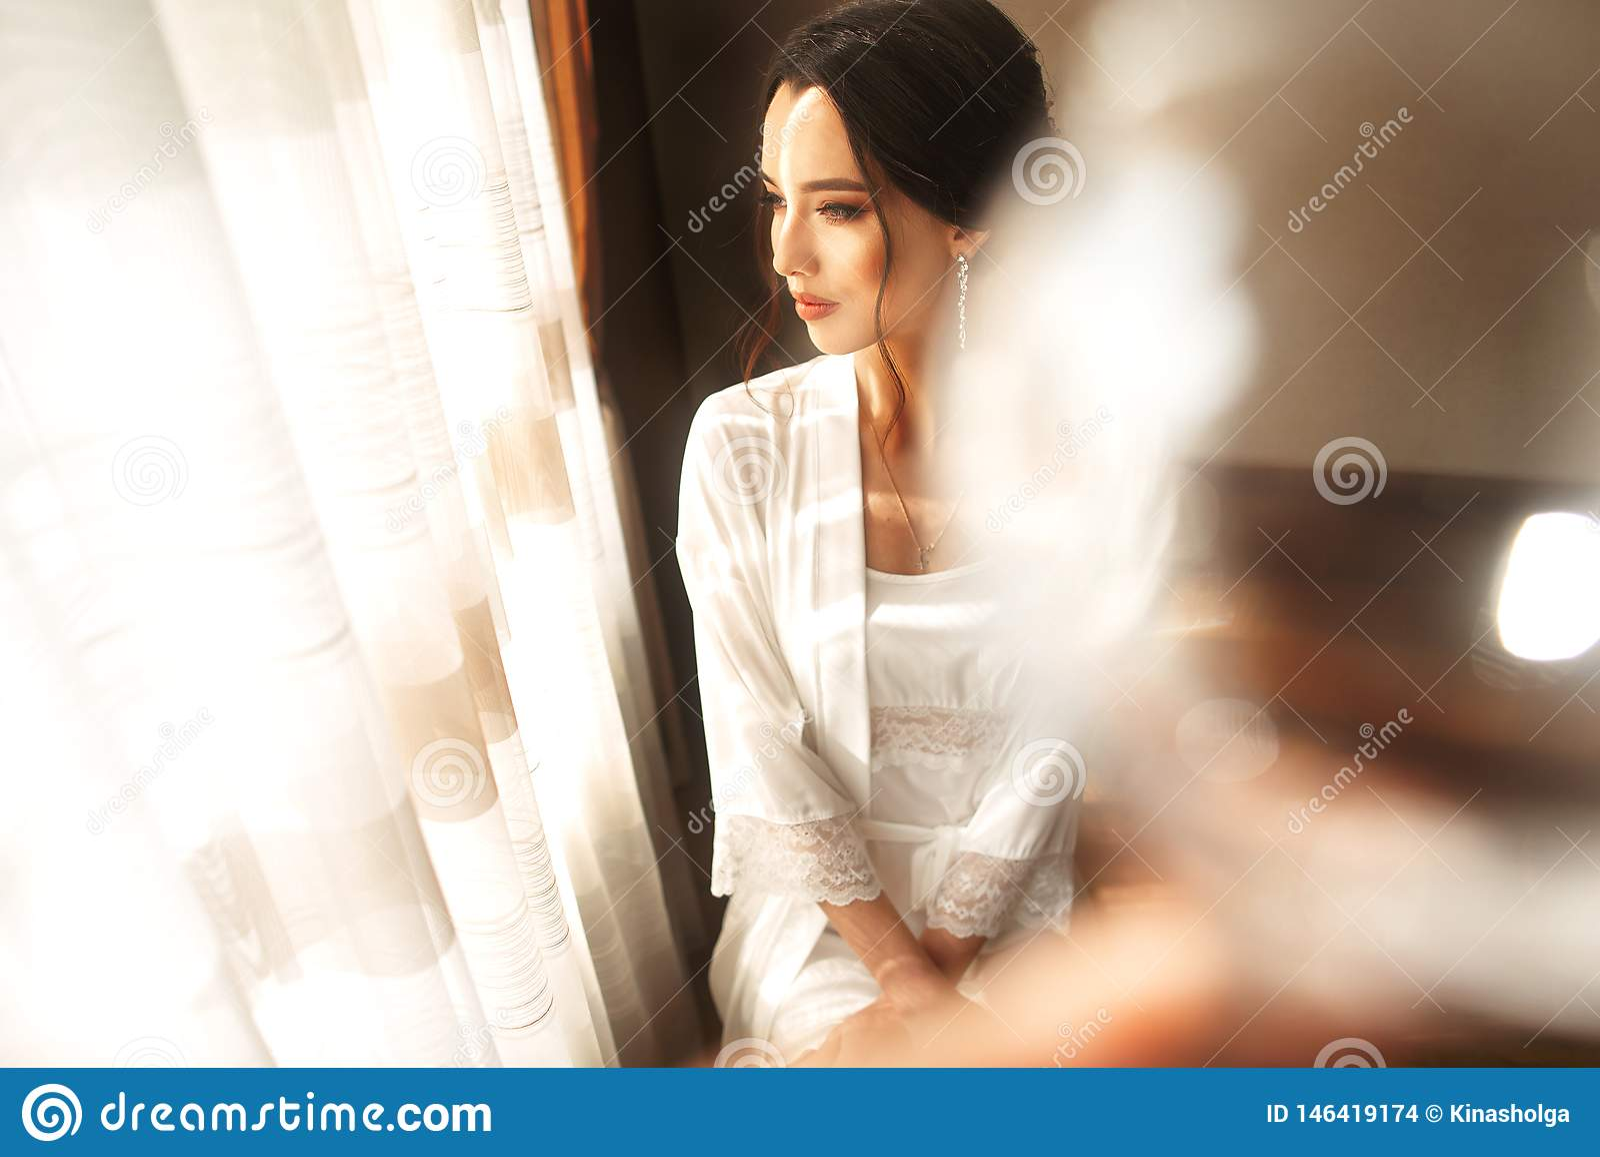 Невеста в красивом платье сидя на стуле внутри помещения в белом интерьере студии как дома Ультрамодная съемка стиля свадьбы